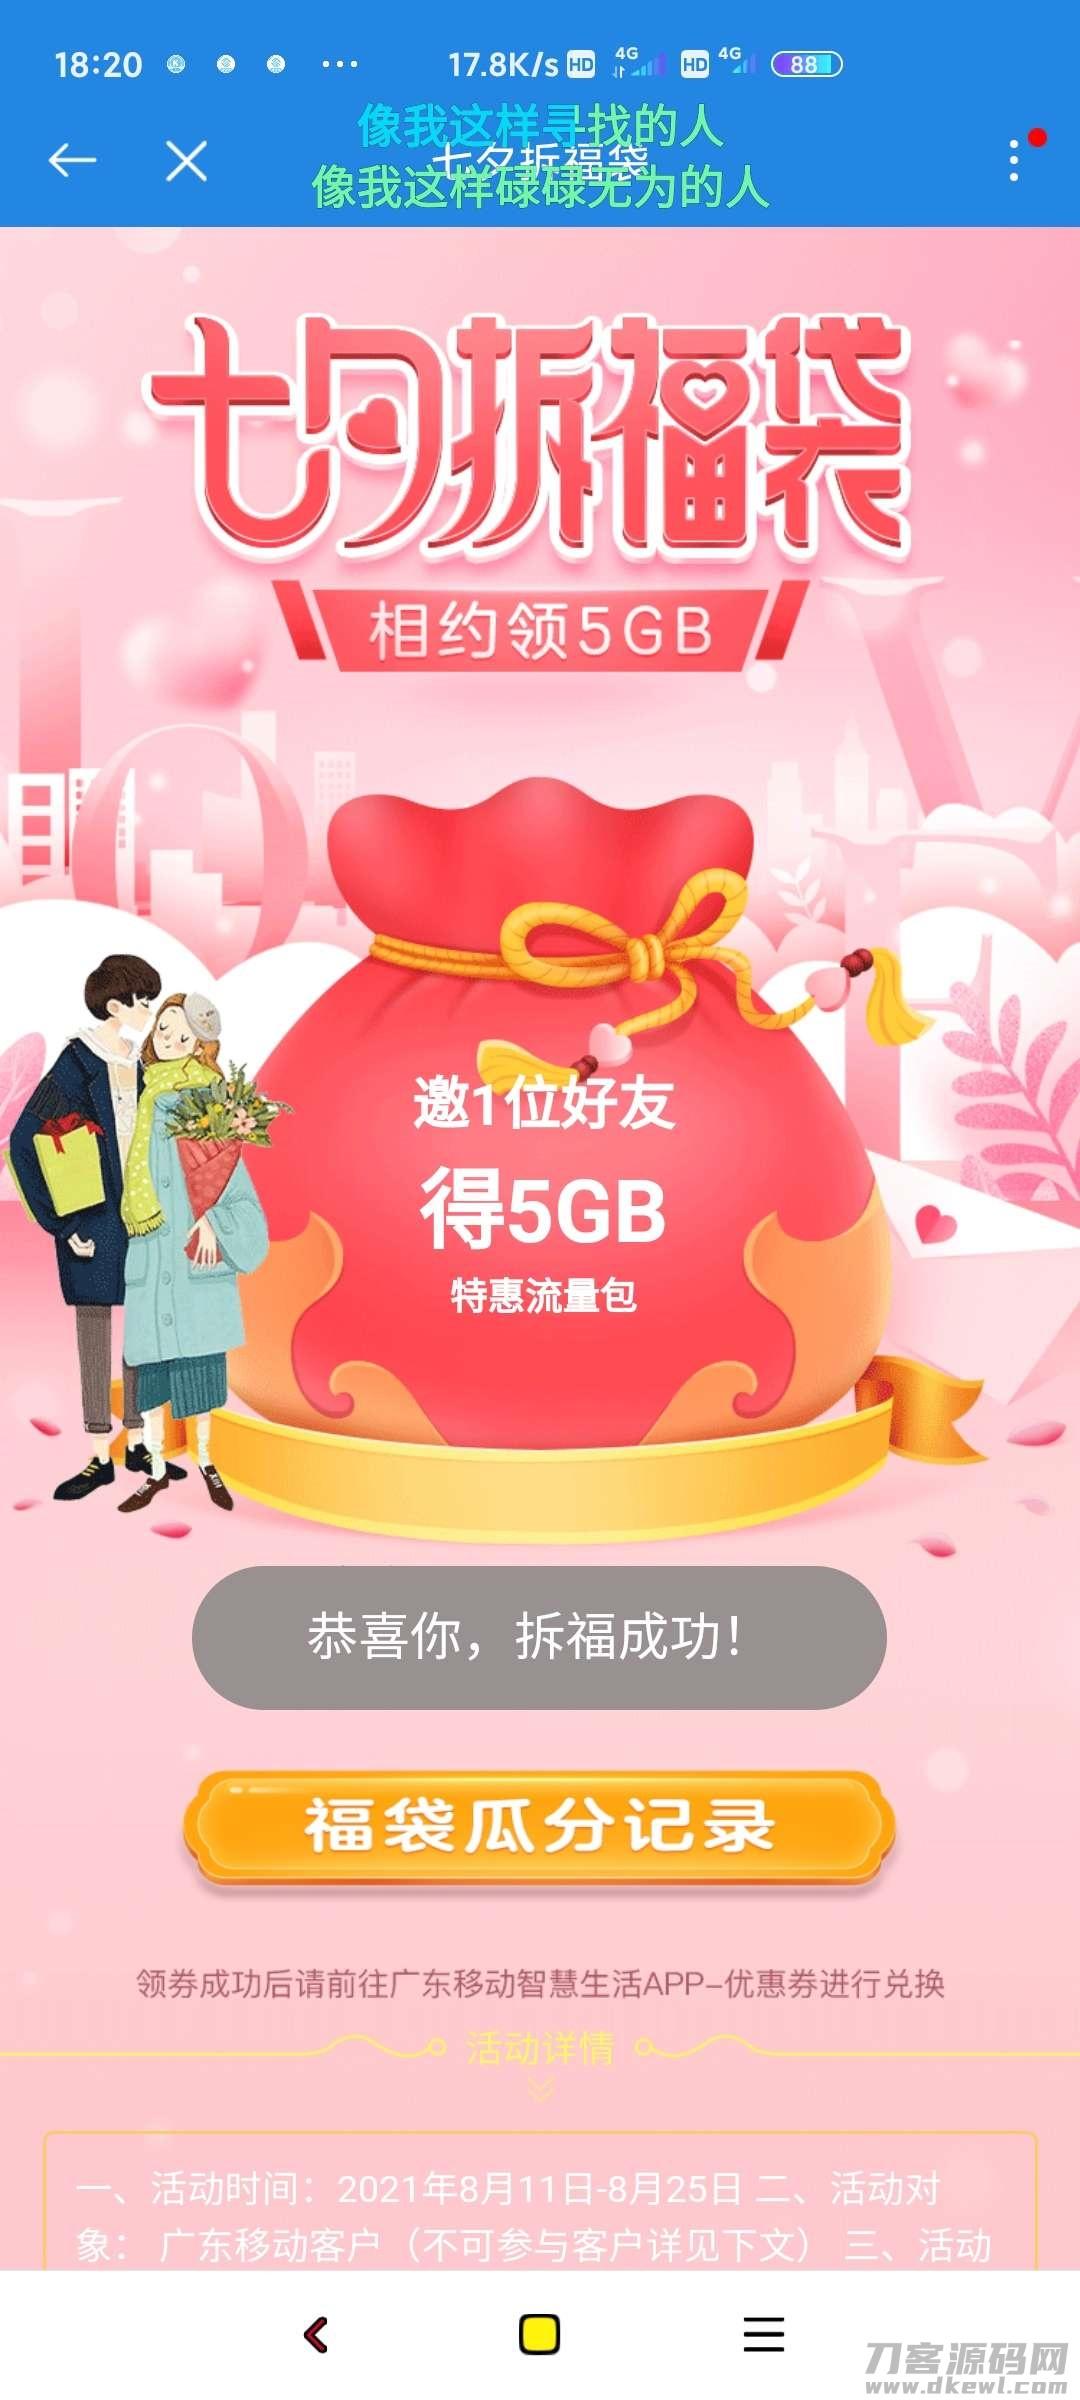 【流量话费】广东移动领5G流量插图